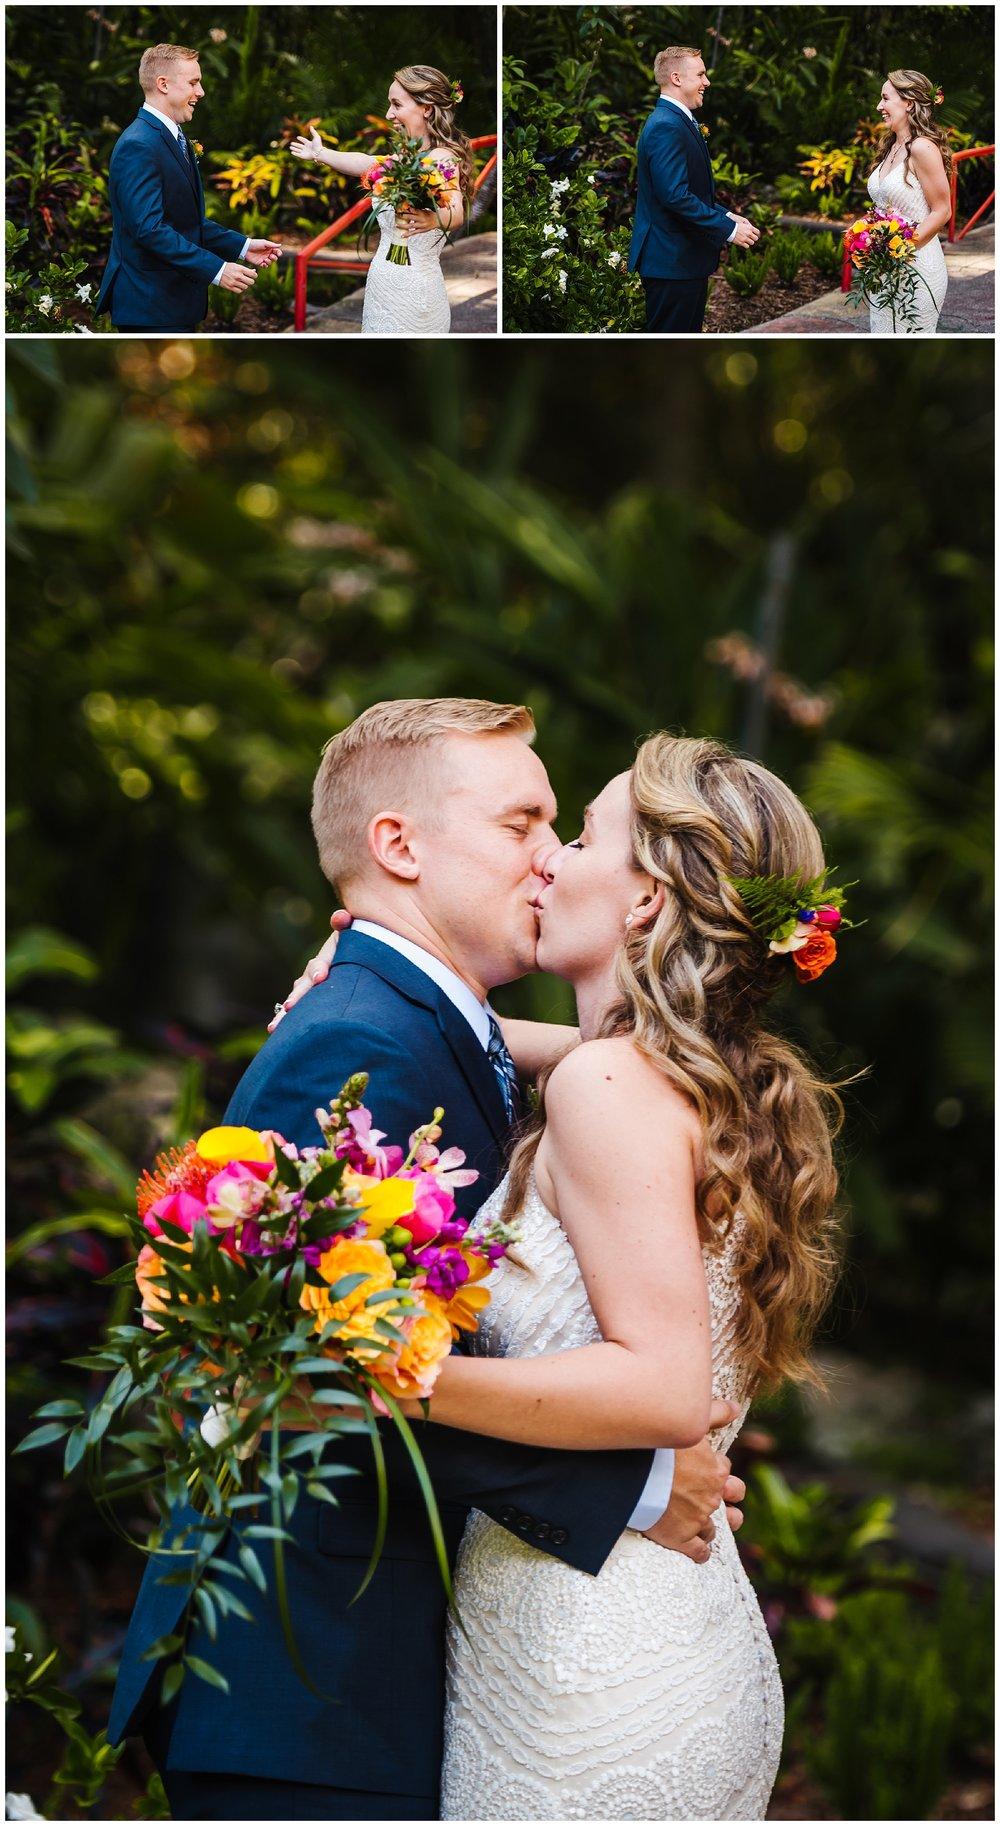 st-pete-wedding-photographer-post-card-inn-sunken-gardens-hawaiian-theme-dueling-pianos_0019.jpg